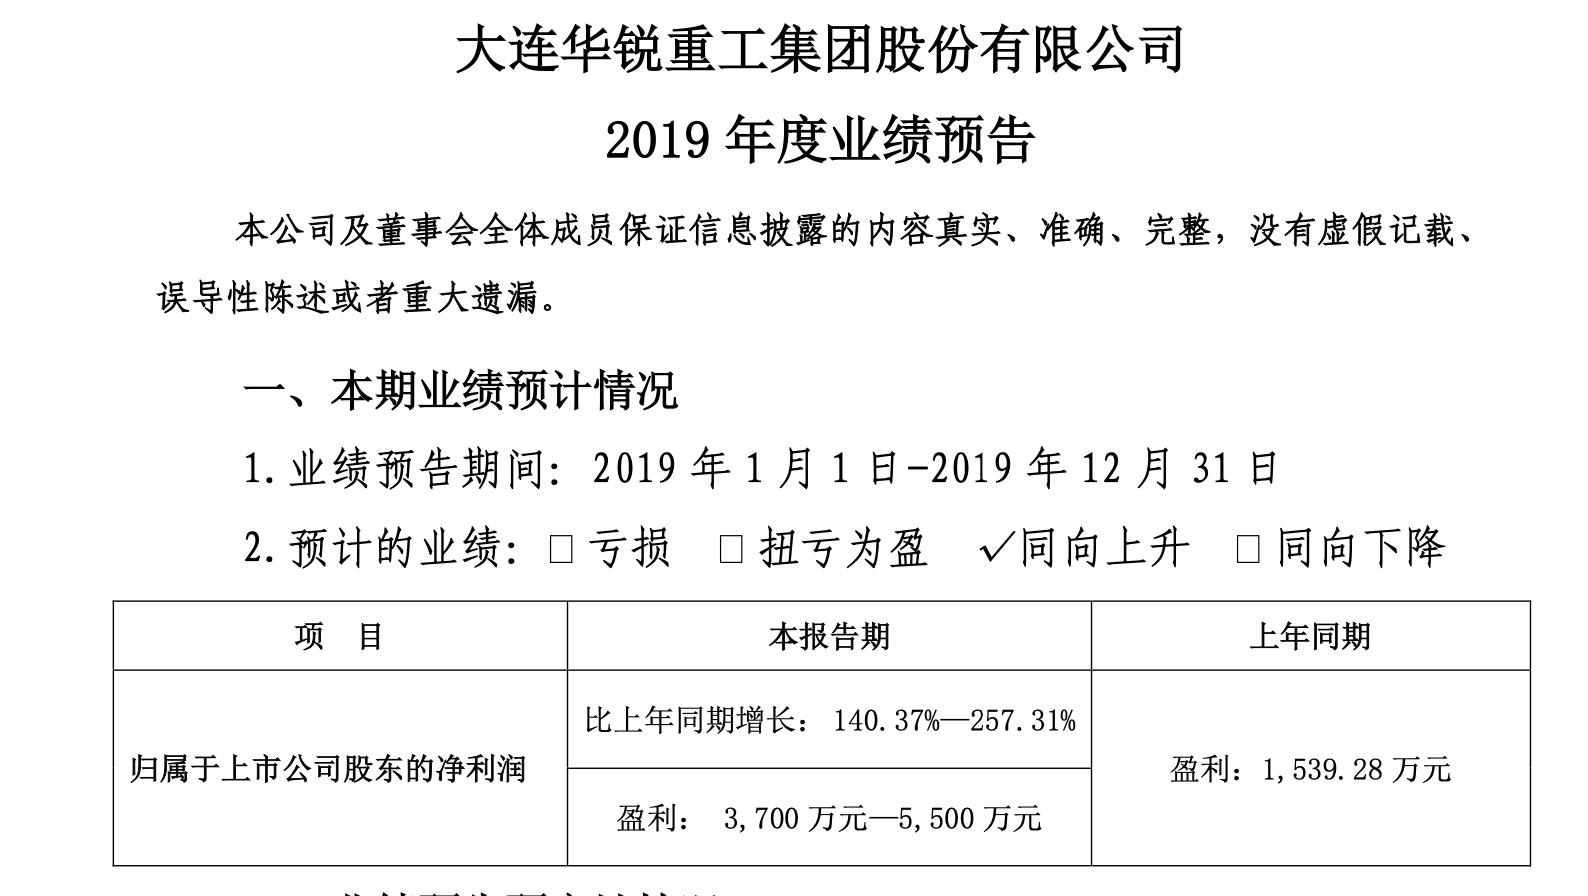 http://www.jienengcc.cn/shiyouranqi/190346.html